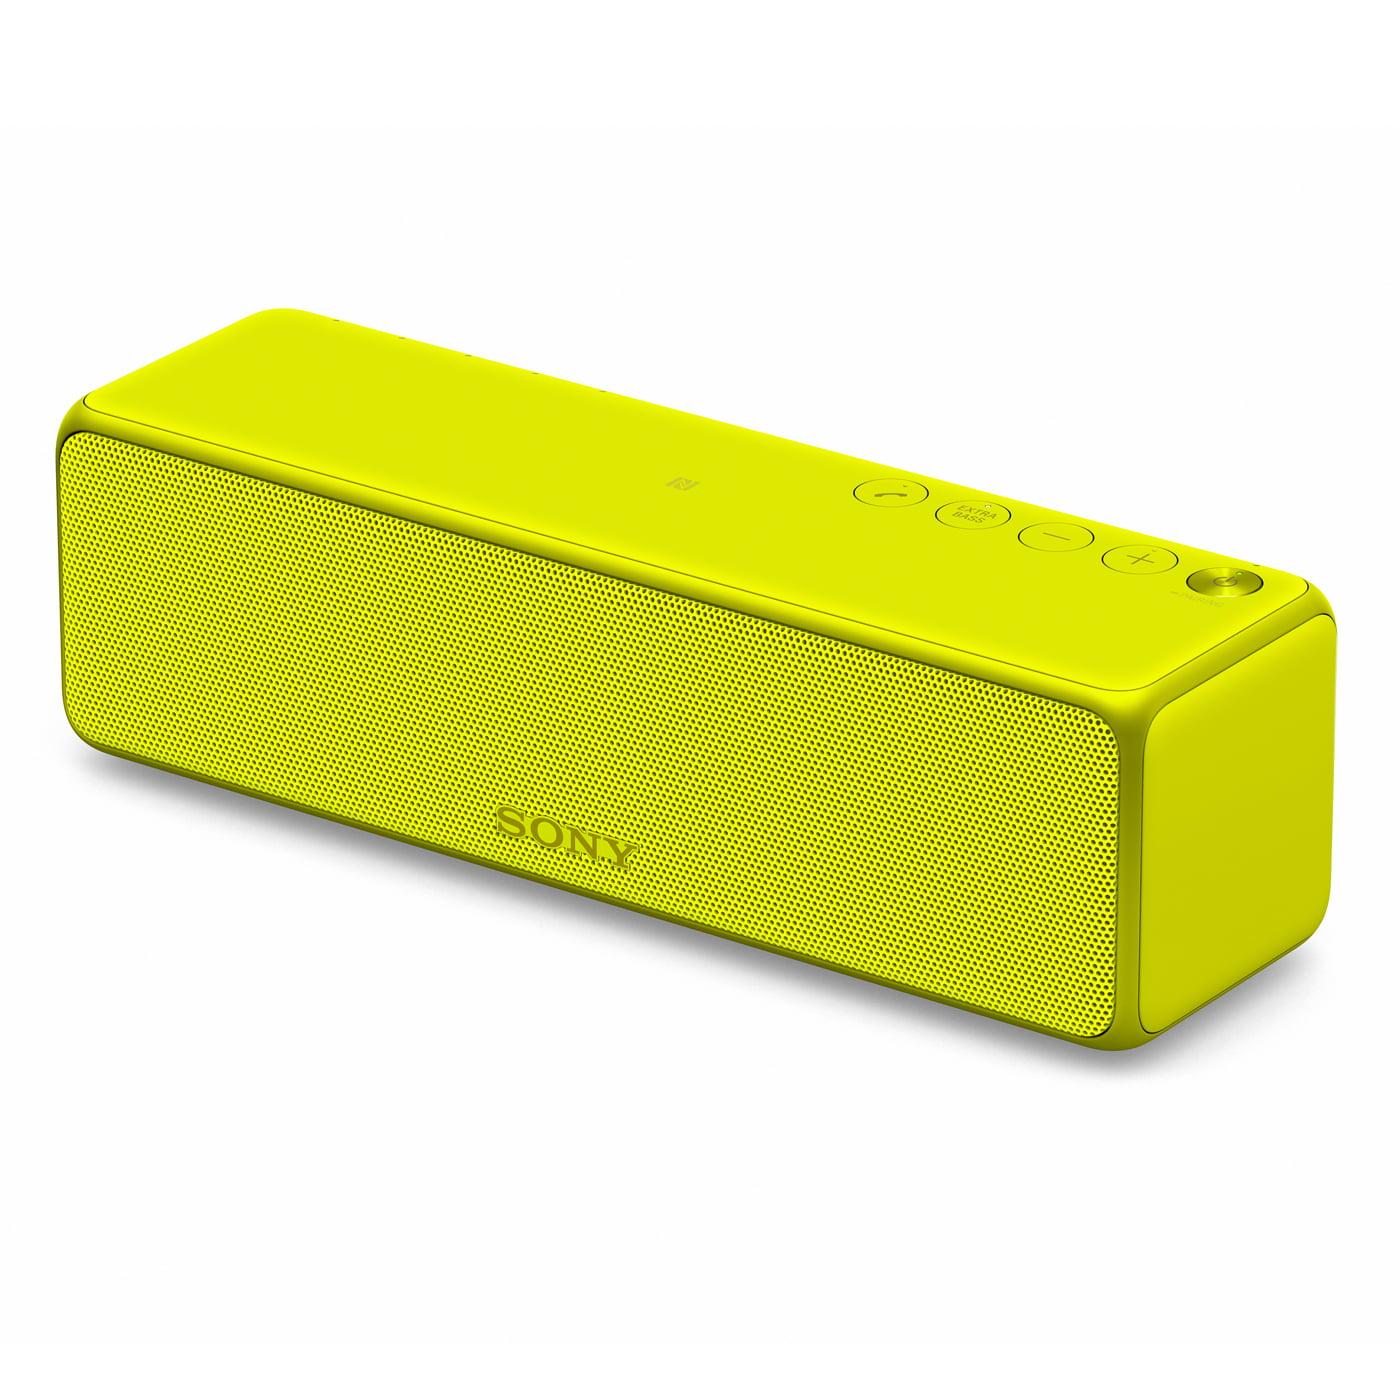 Sony h.ear go SRS-HG1 Hi-Res Wireless Speaker for Streaming Music Lime yellow SRSHG1/YEL